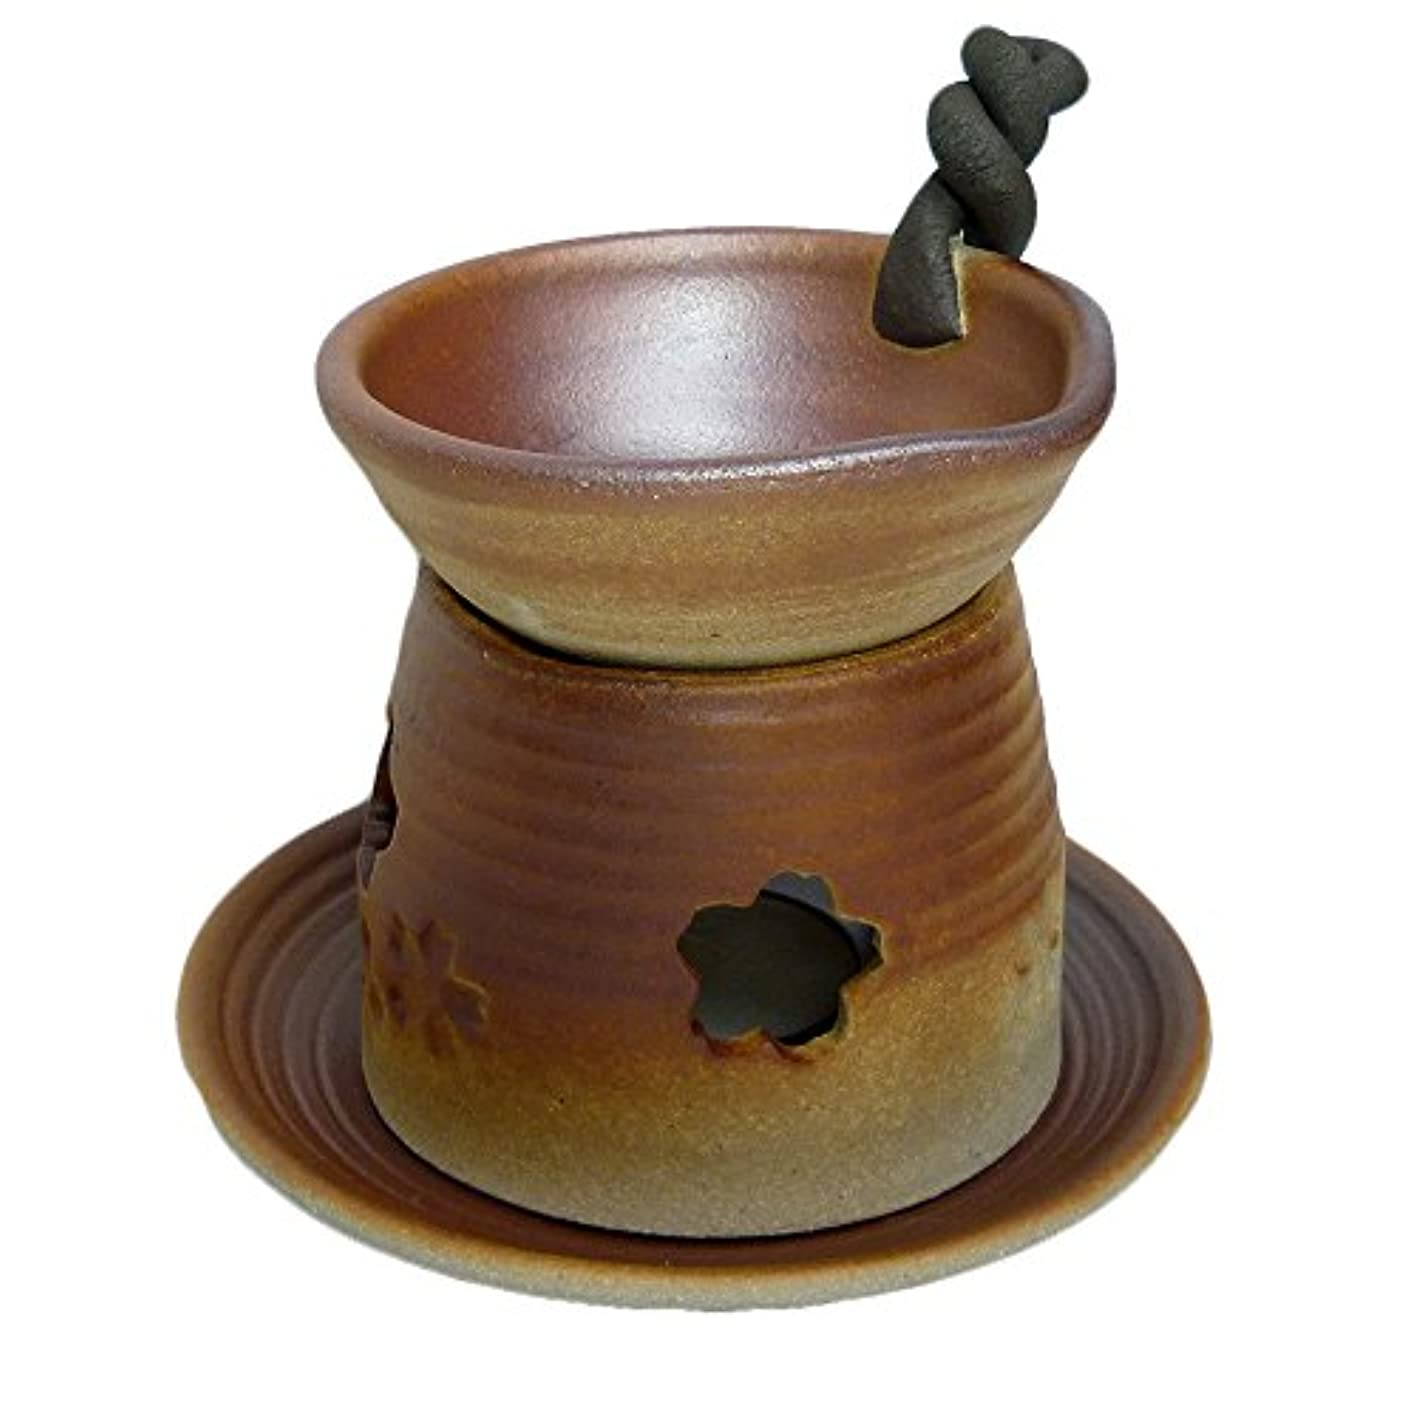 野心裁定縁香炉 錆吹き 手付茶香炉 [H13.5cm] HANDMADE プレゼント ギフト 和食器 かわいい インテリア